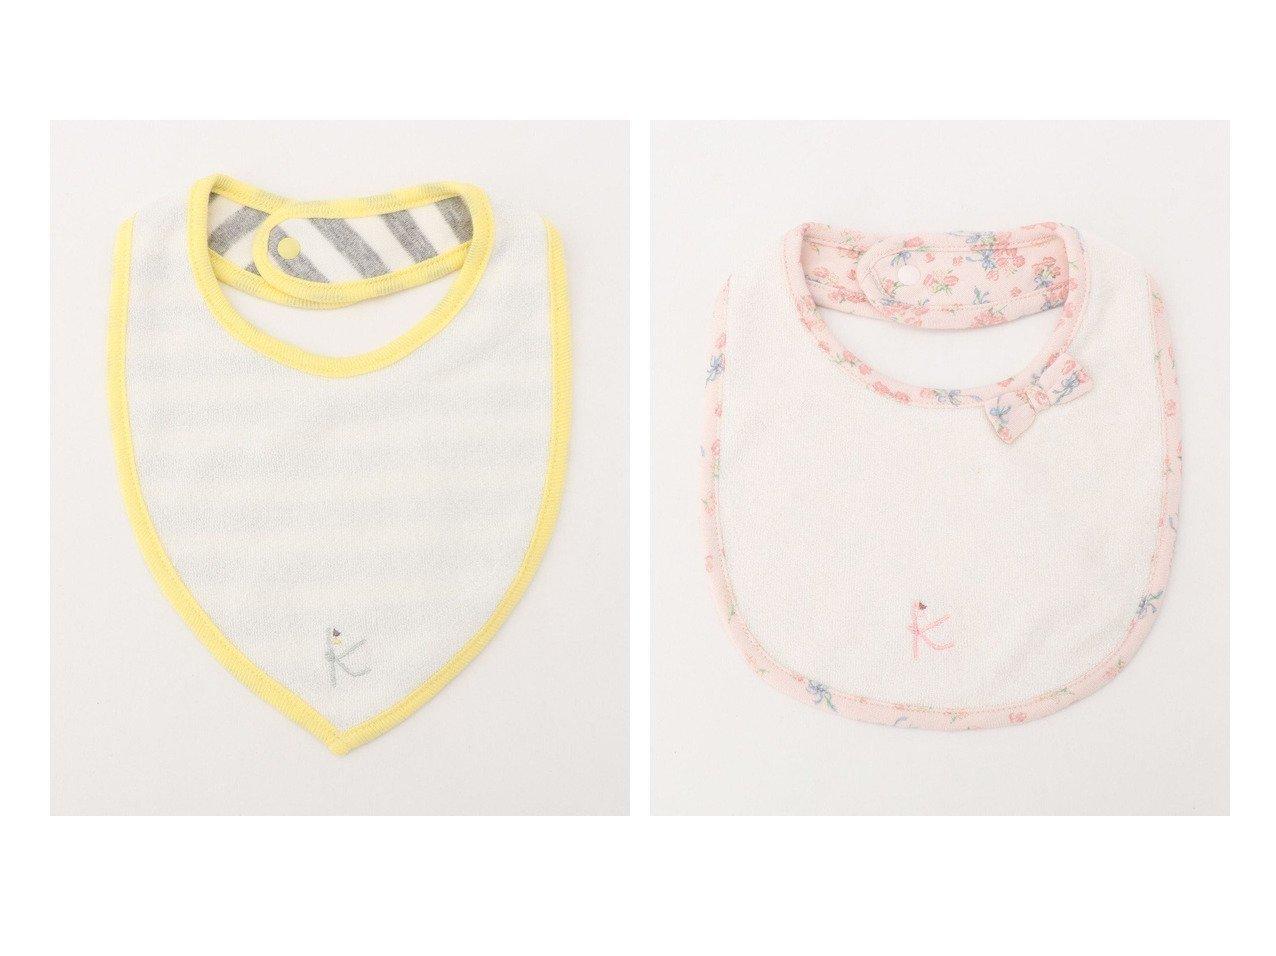 【KUMIKYOKU / KIDS/組曲】の【BABY雑貨】ボーダー ビブ (リバーシブル)&【BABY雑貨】リボンブーケ ビブ 【BABY】ベビー服のおすすめ!人気、キッズファッションの通販 おすすめで人気の流行・トレンド、ファッションの通販商品 インテリア・家具・メンズファッション・キッズファッション・レディースファッション・服の通販 founy(ファニー) https://founy.com/ ファッション Fashion キッズファッション KIDS 送料無料 Free Shipping おすすめ Recommend パイピング プリント ボーダー リバーシブル 無地 |ID:crp329100000044610